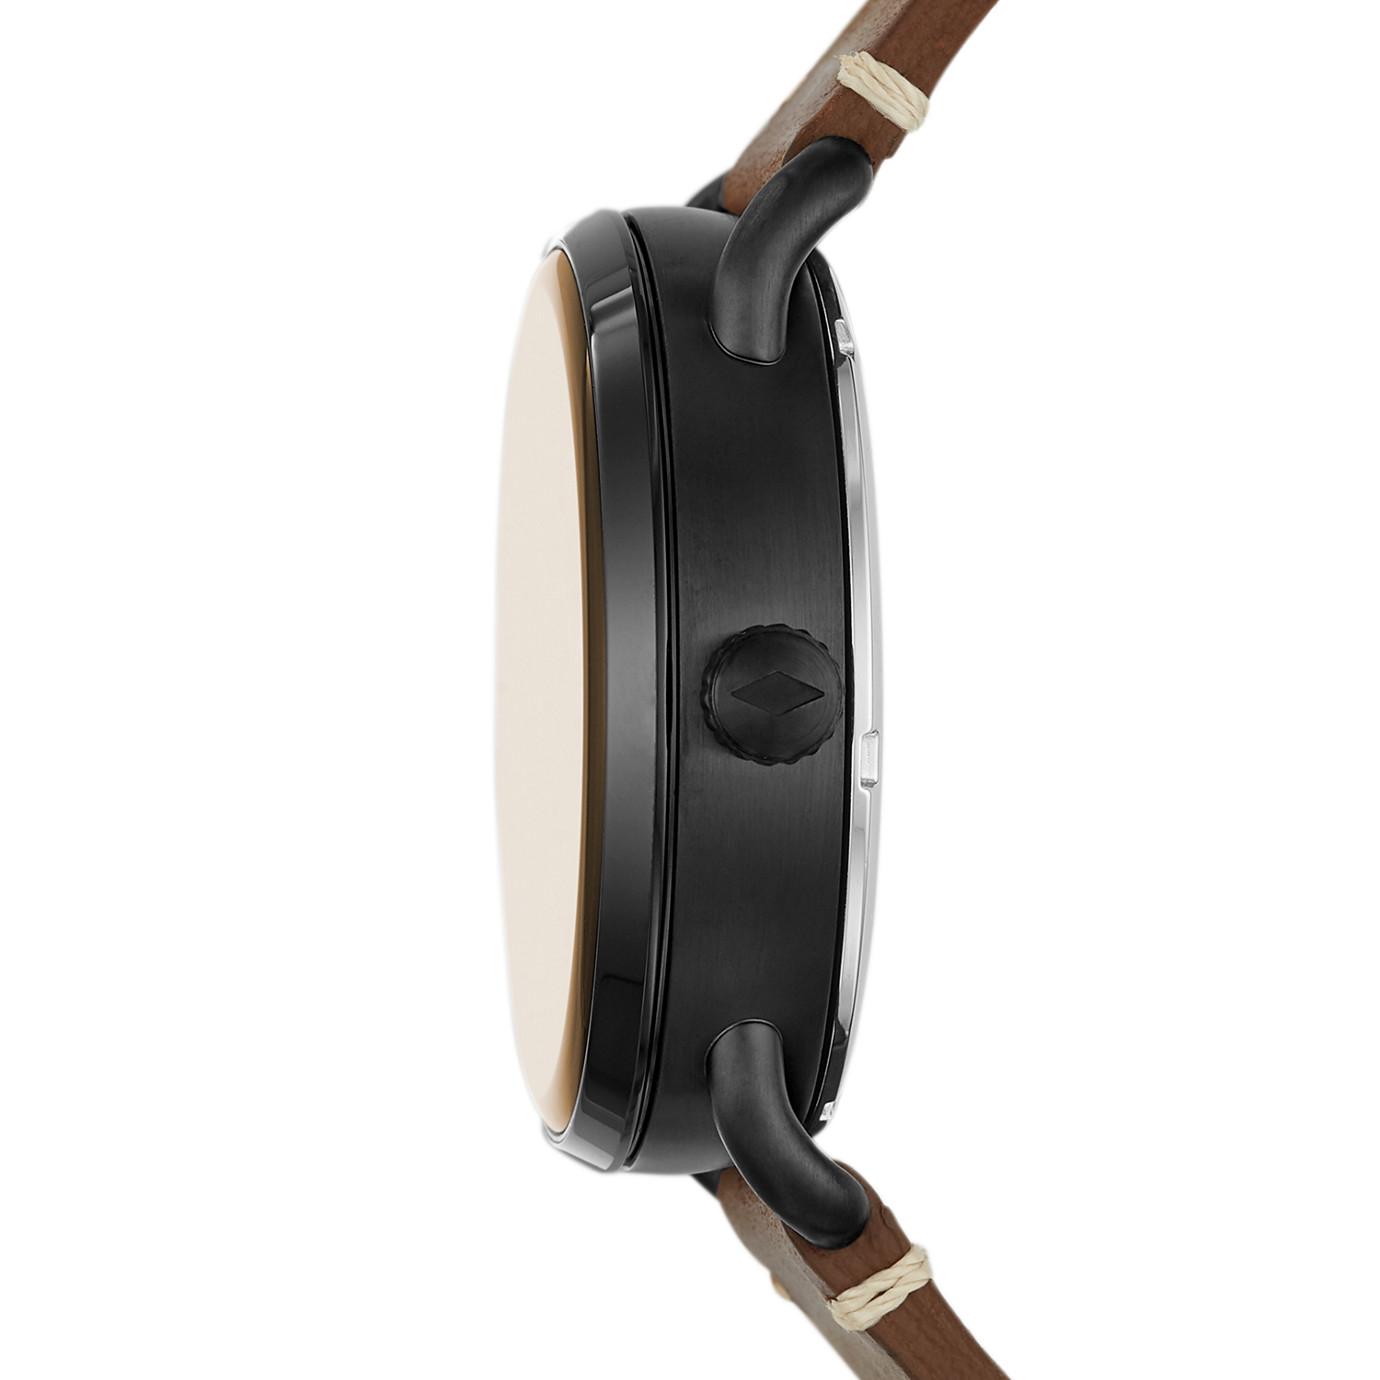 Commuter 自動棕色真皮手錶系列